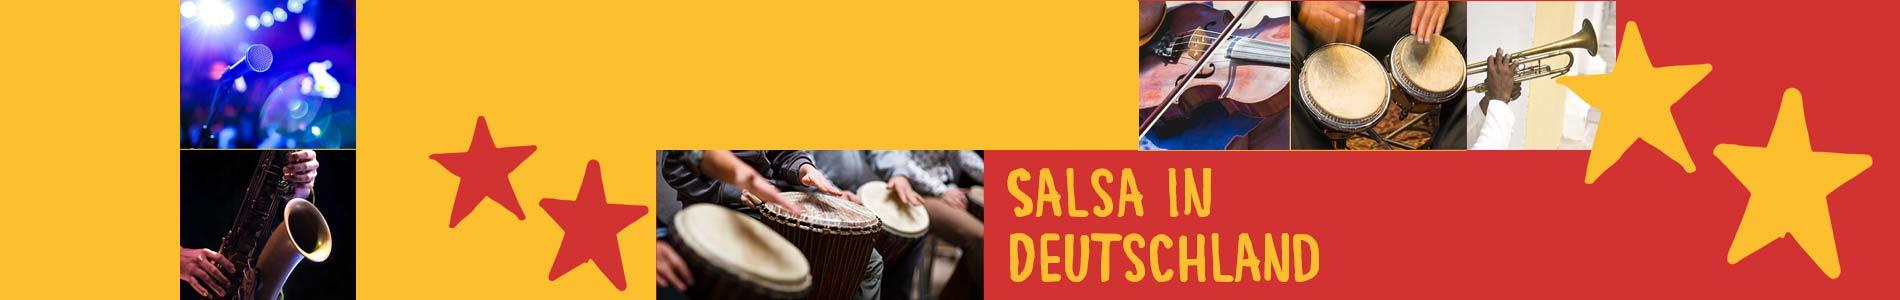 Salsa in Burgwindheim – Salsa lernen und tanzen, Tanzkurse, Partys, Veranstaltungen